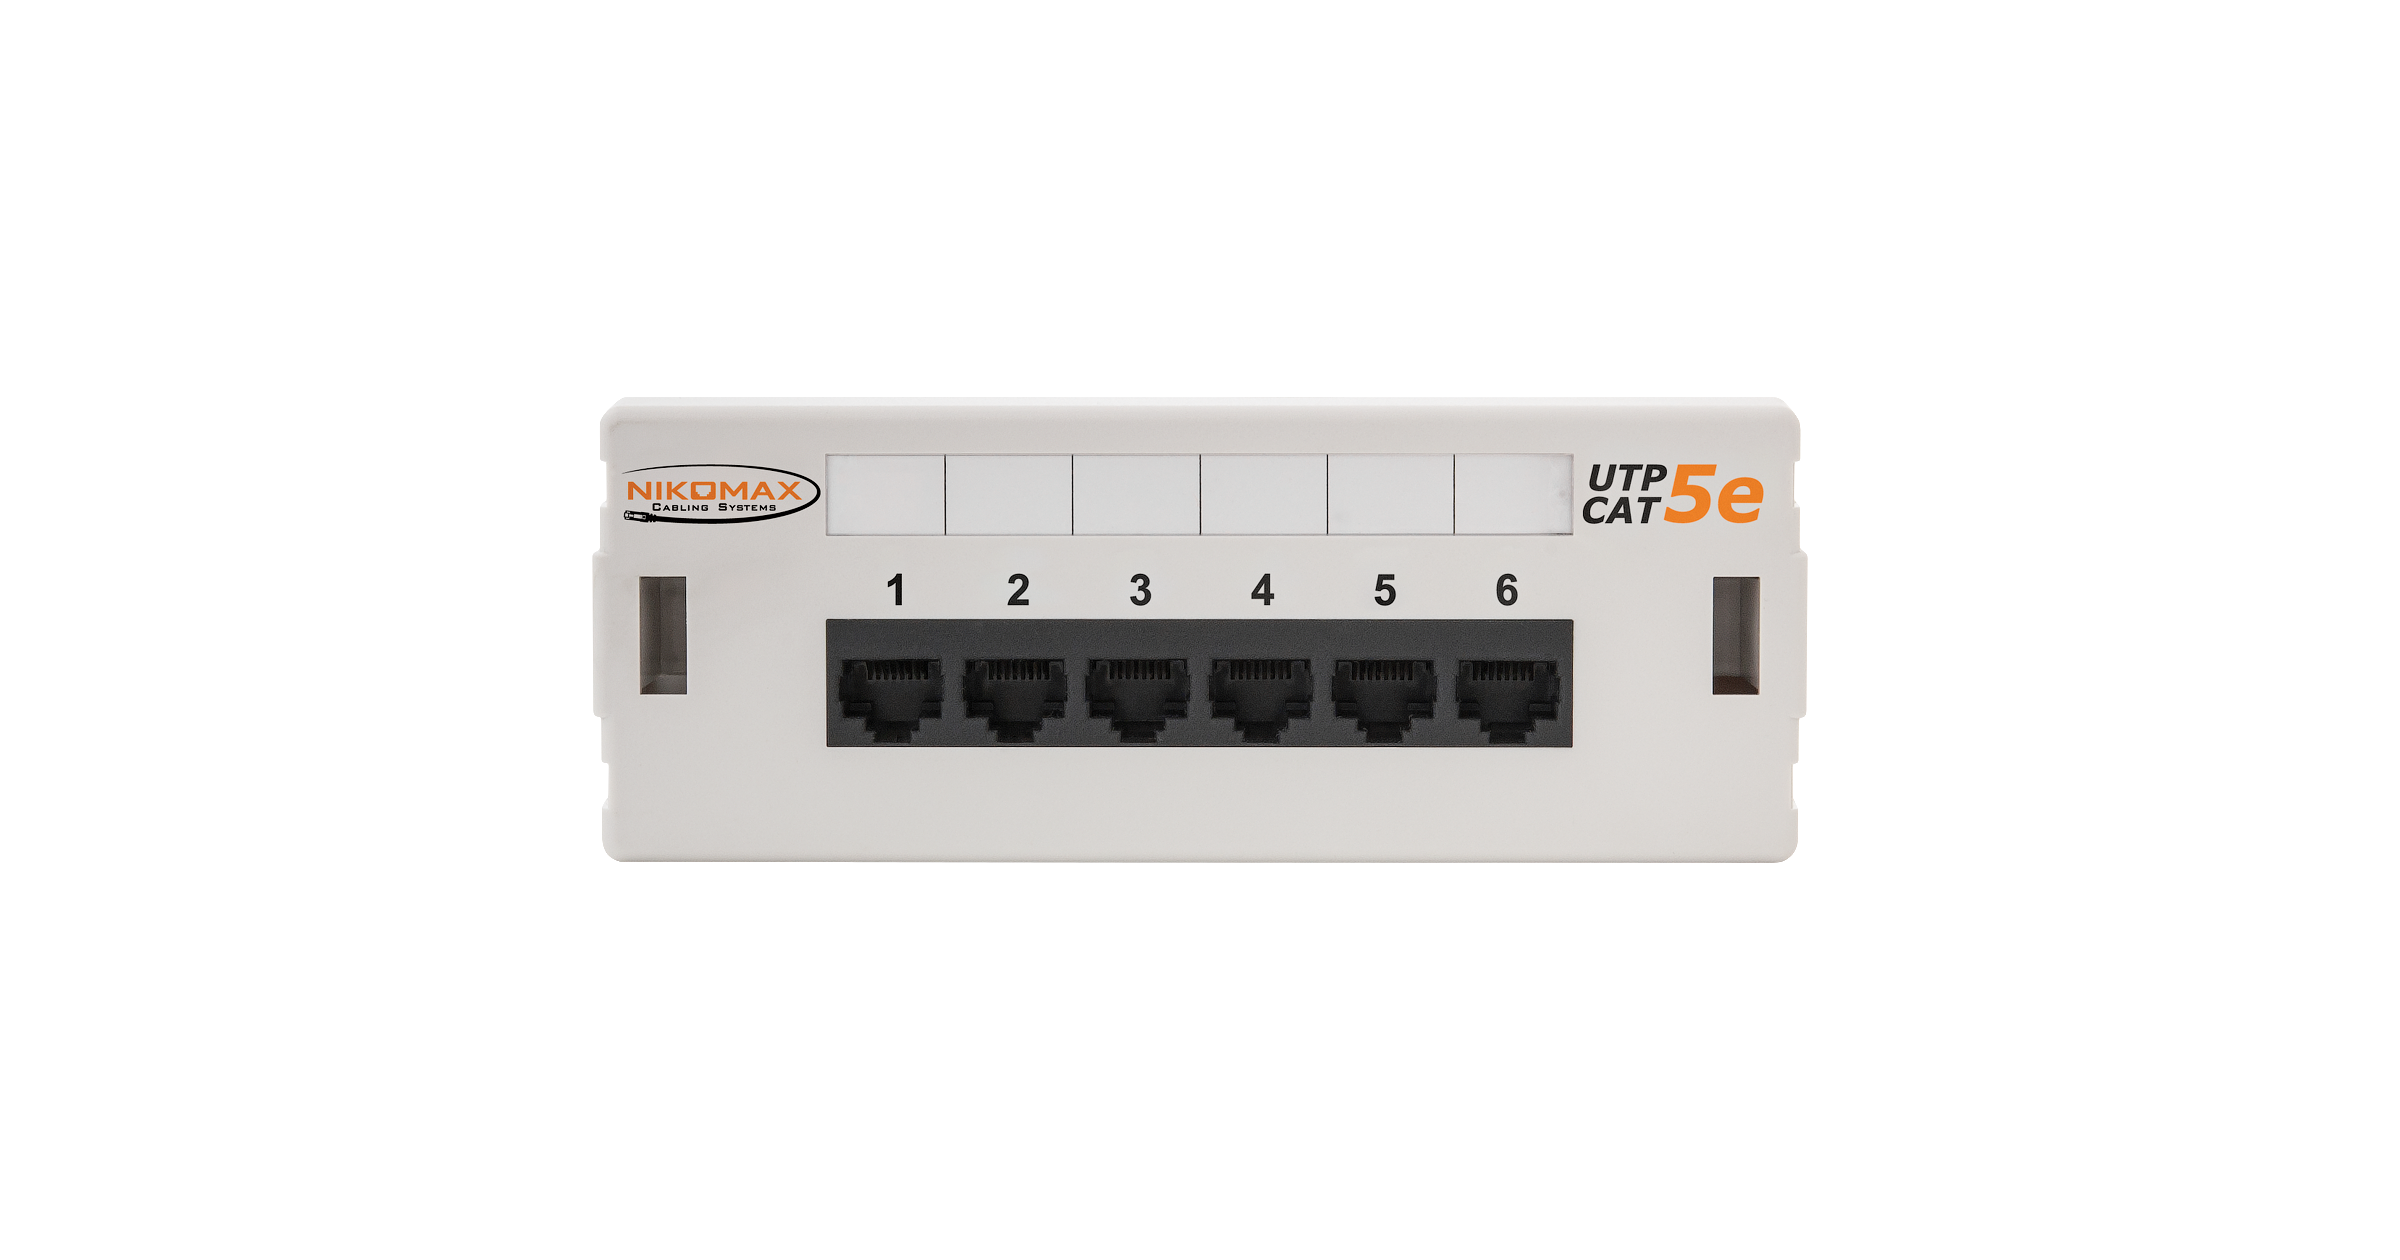 Коммутационная панель NIKOMAX настенная, 6 портов, Кат.5е (Класс D), 100МГц, RJ45/8P8C, 110, T568A/B, неэкранированная, светло-серая - гарантия: 5 лет расширенная / 25 лет системная